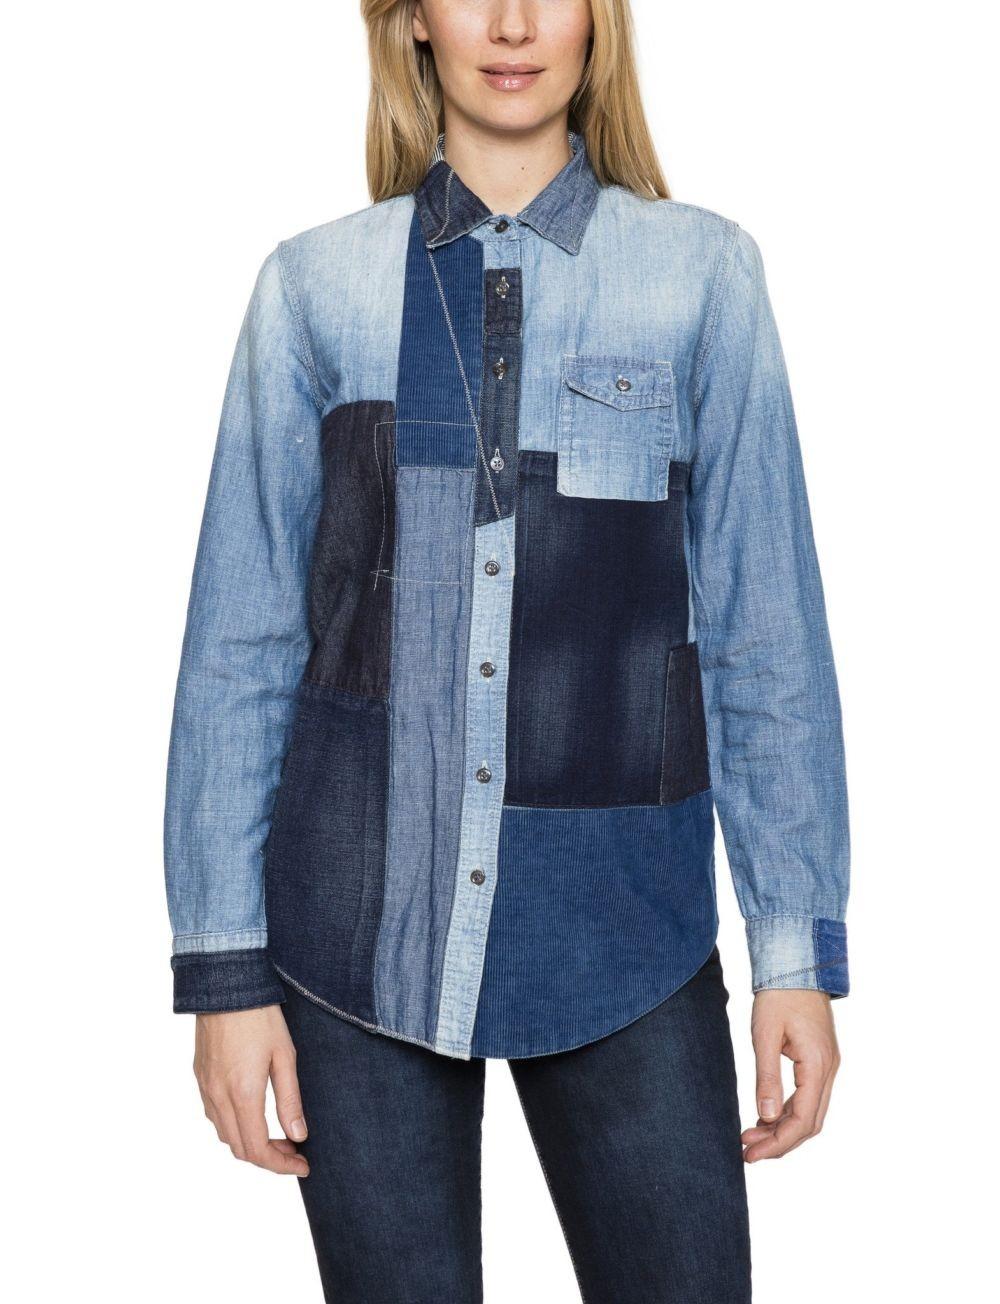 модные рубашки 2018 женские: в стиле пэчворк джинсовая